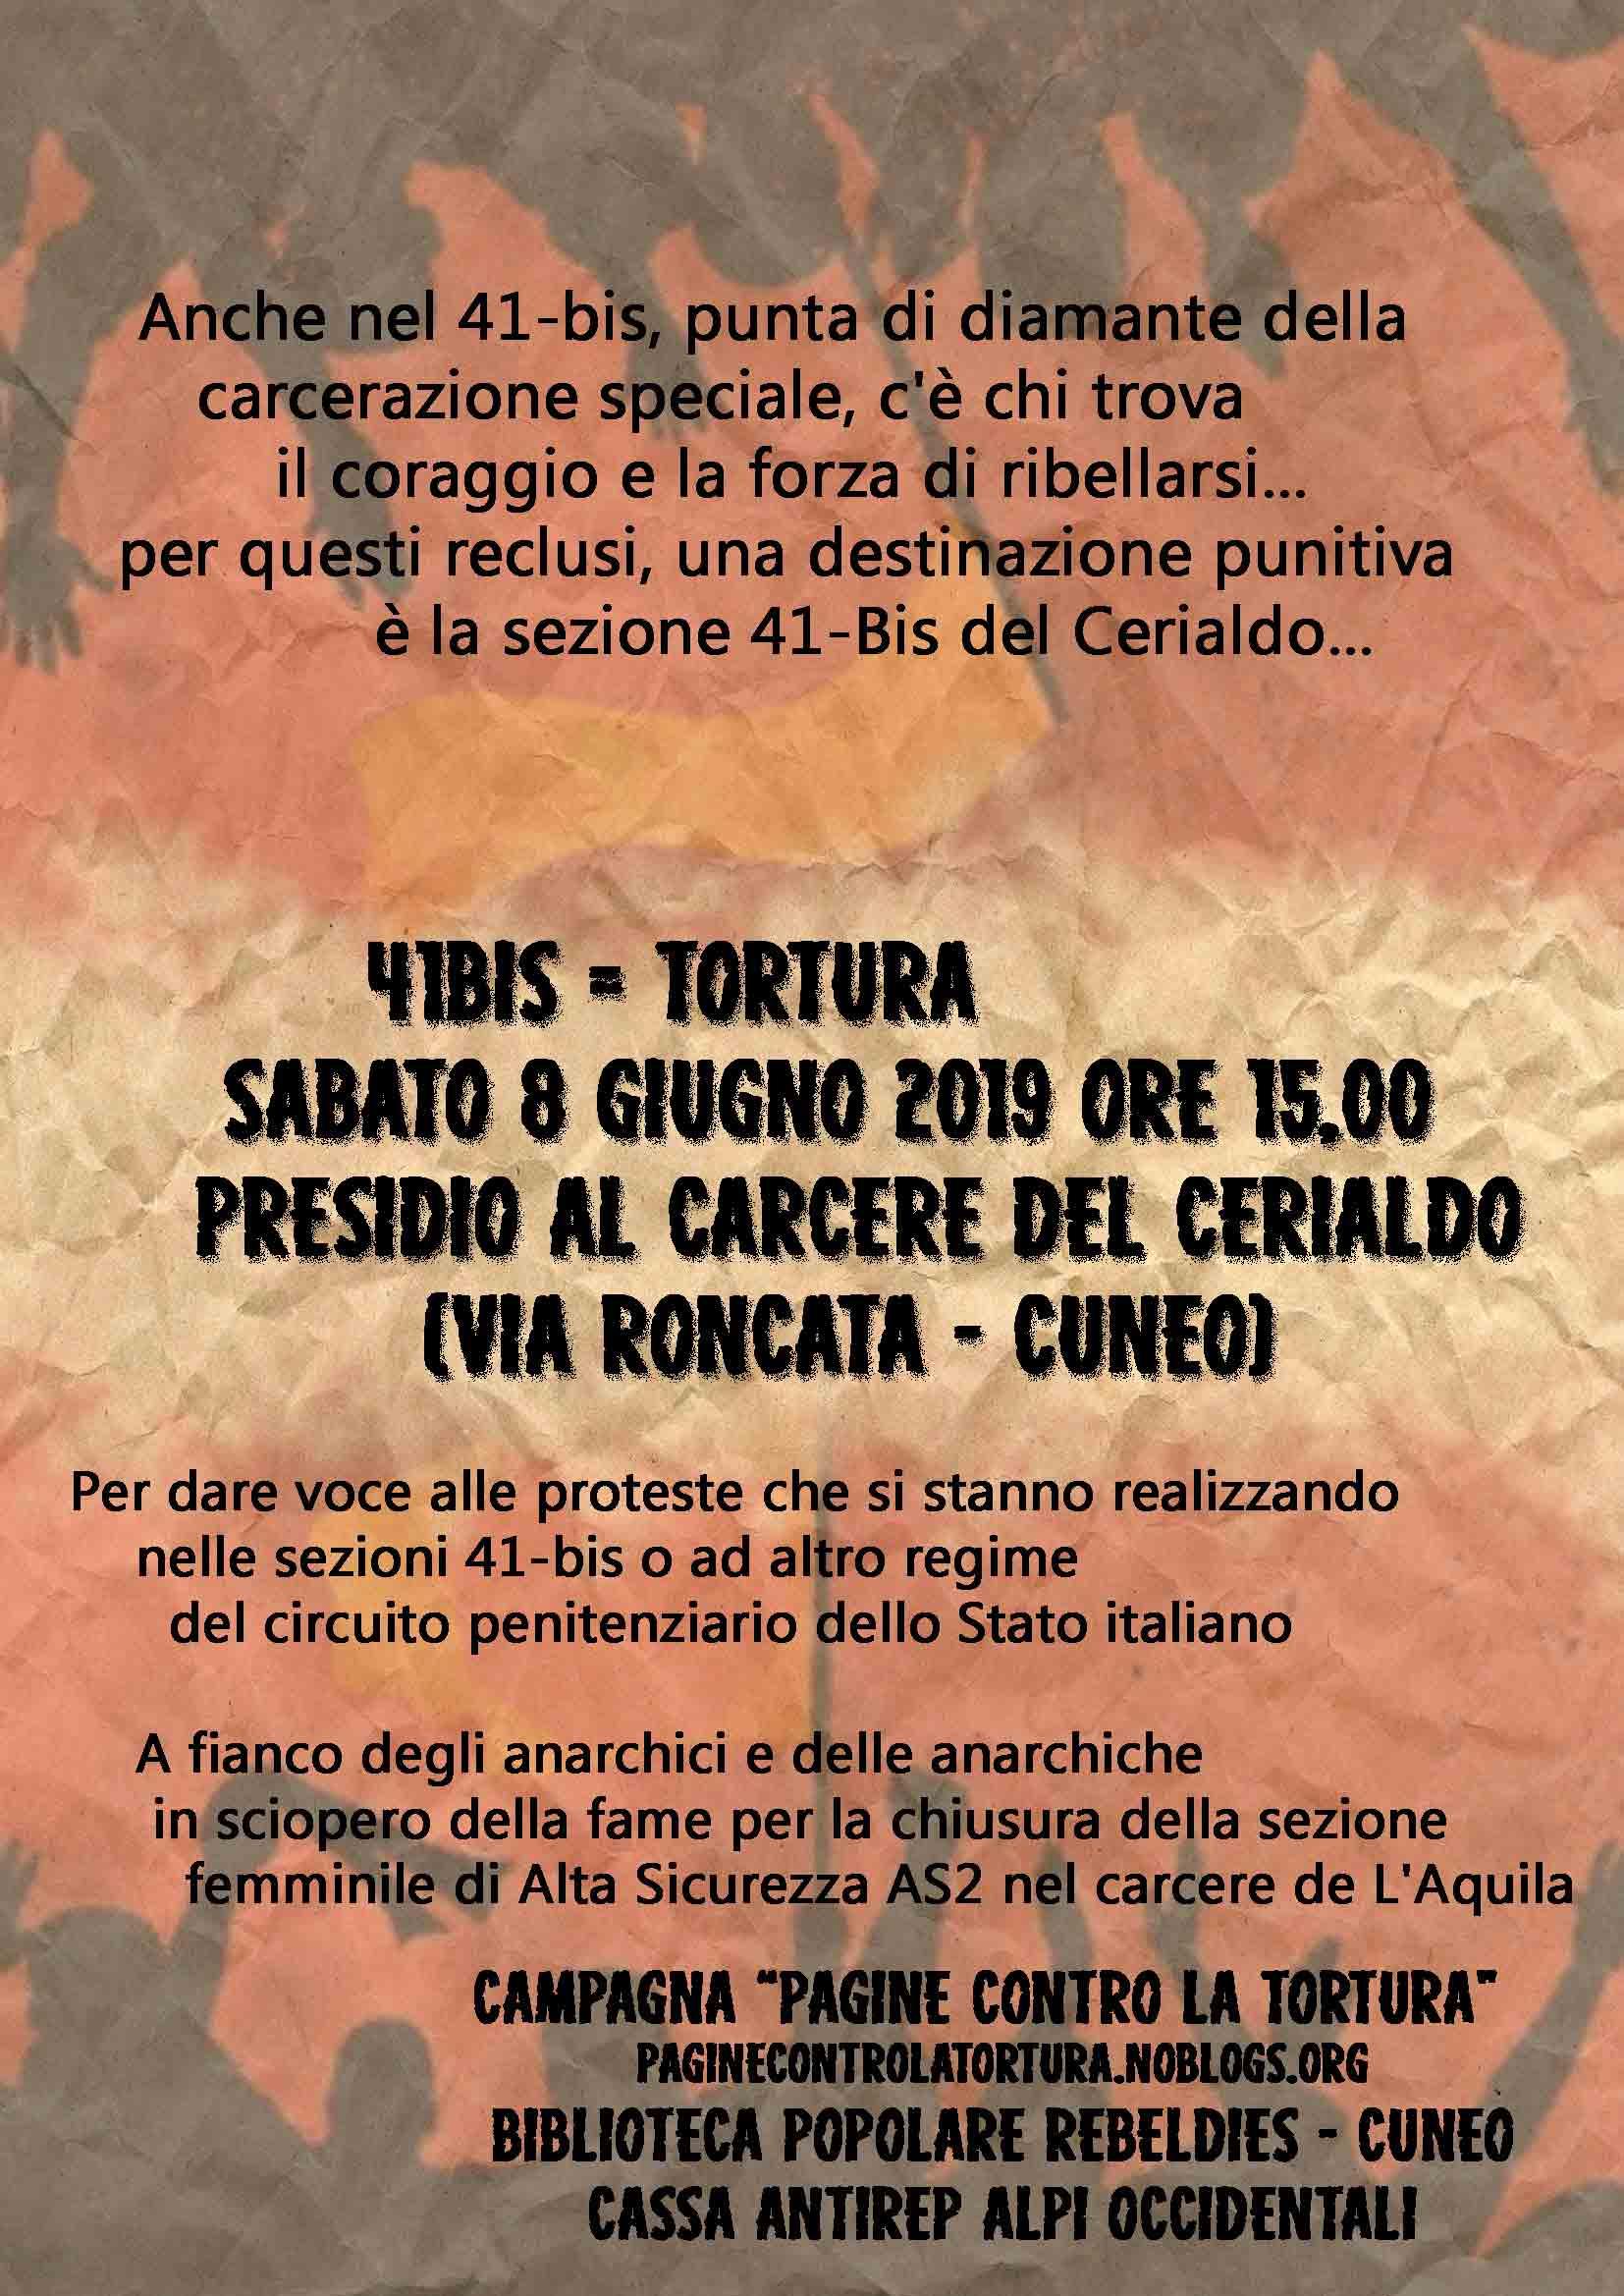 Cuneo: 8 giugno 2019 h. 15,00 presidio al carcere del Cerialdo